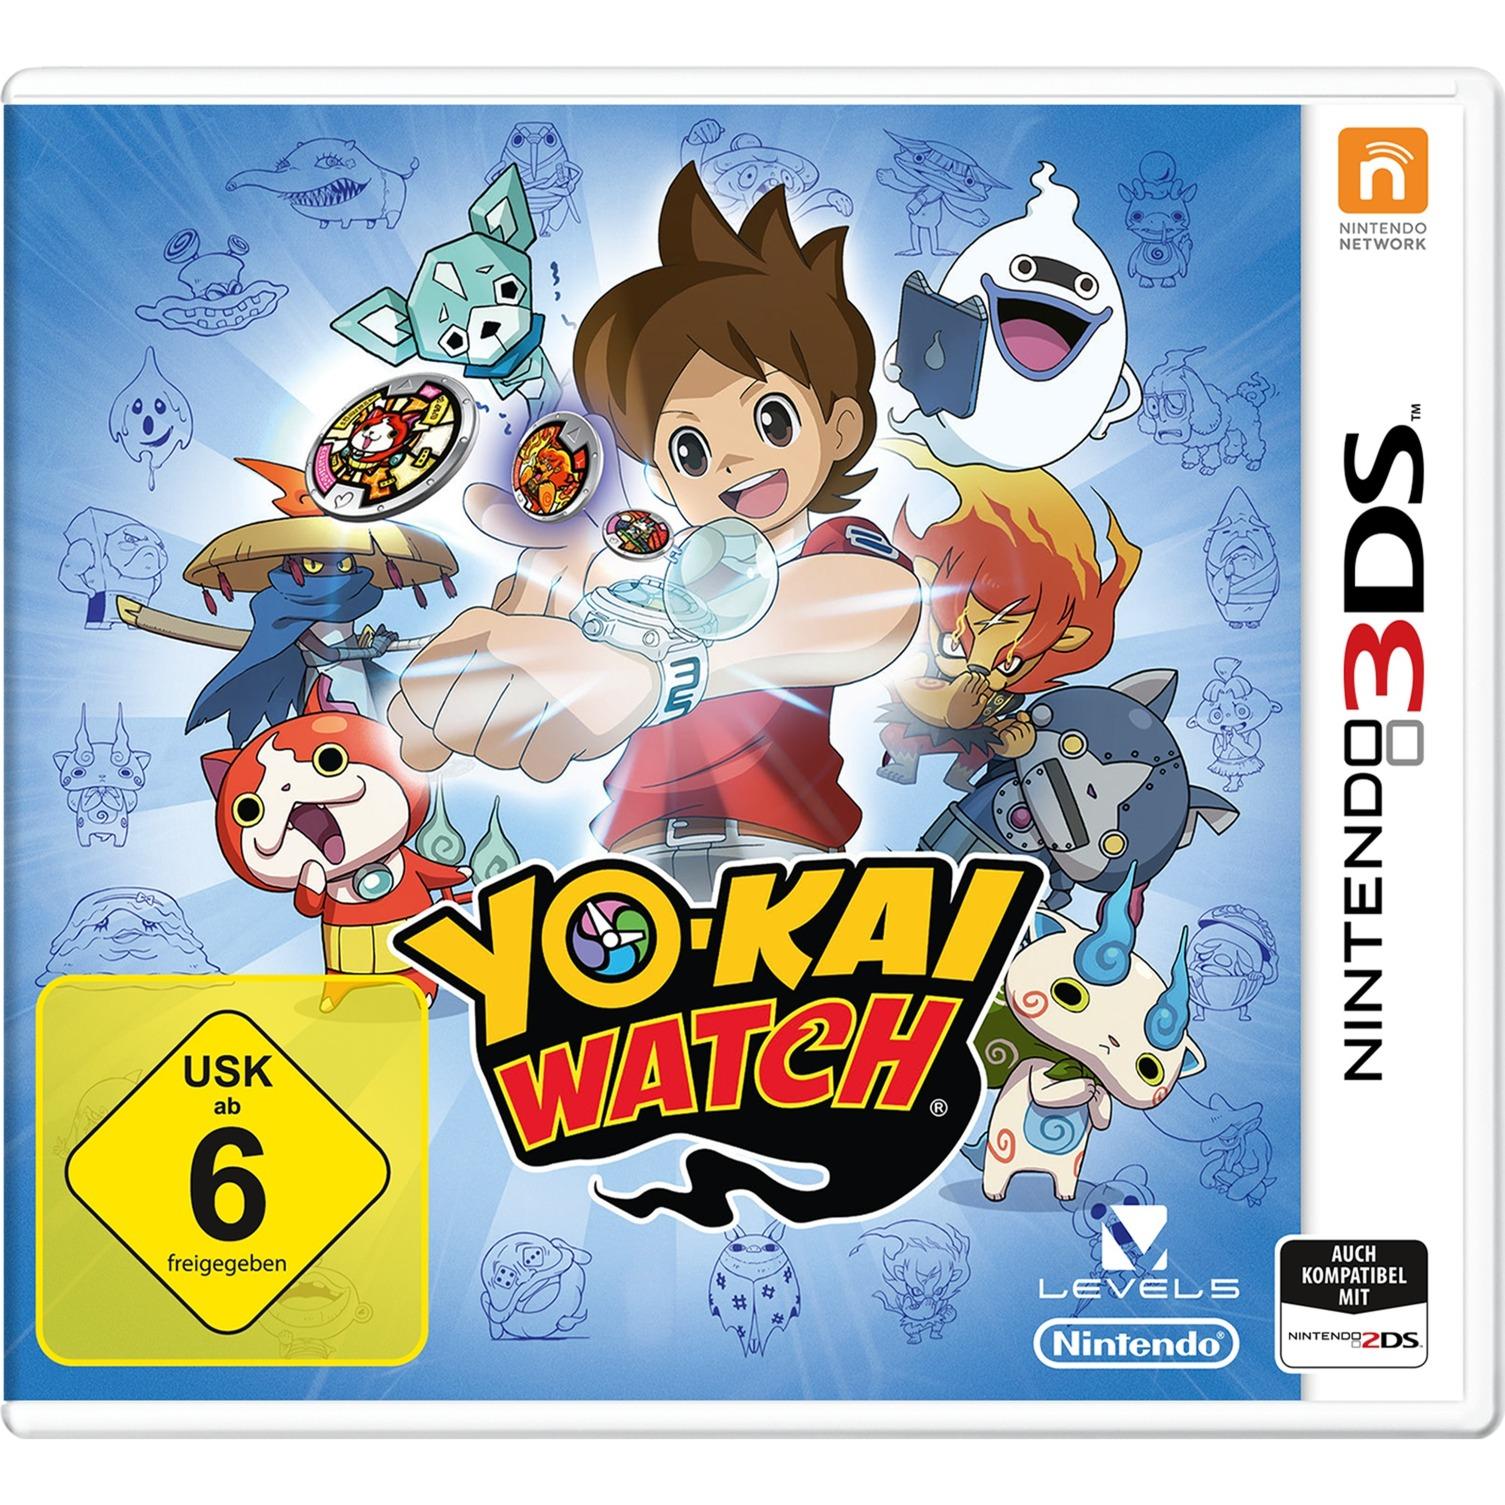 YO-KAI WATCH De base Nintendo 3DS Anglais jeu vidéo